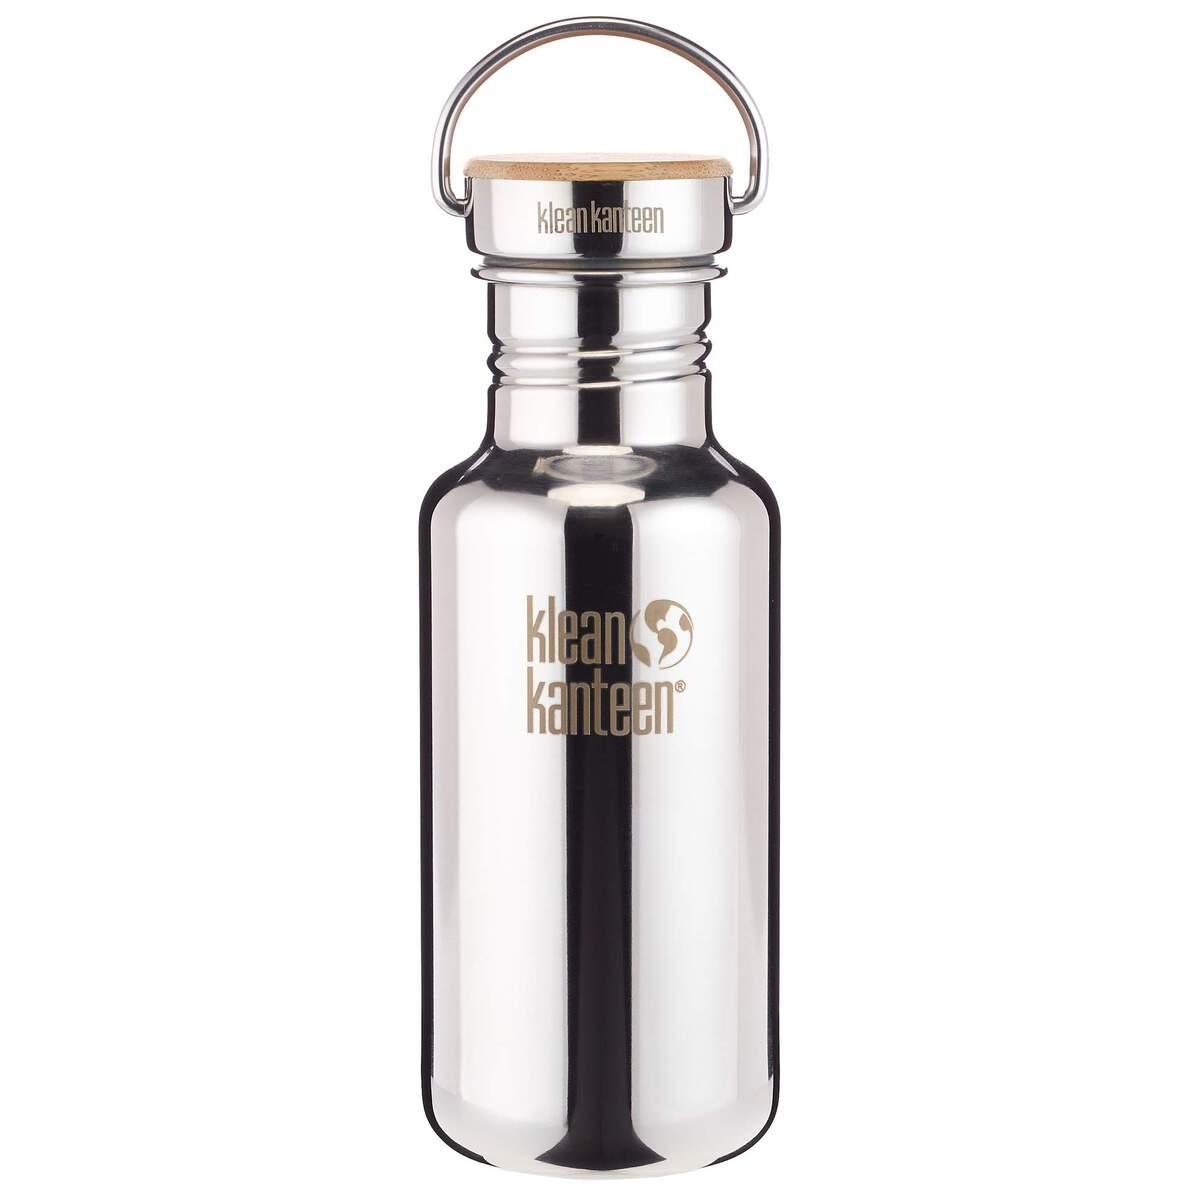 Bild 1 von Klean Kanteen REFLECT MIRRORED - Trinkflasche